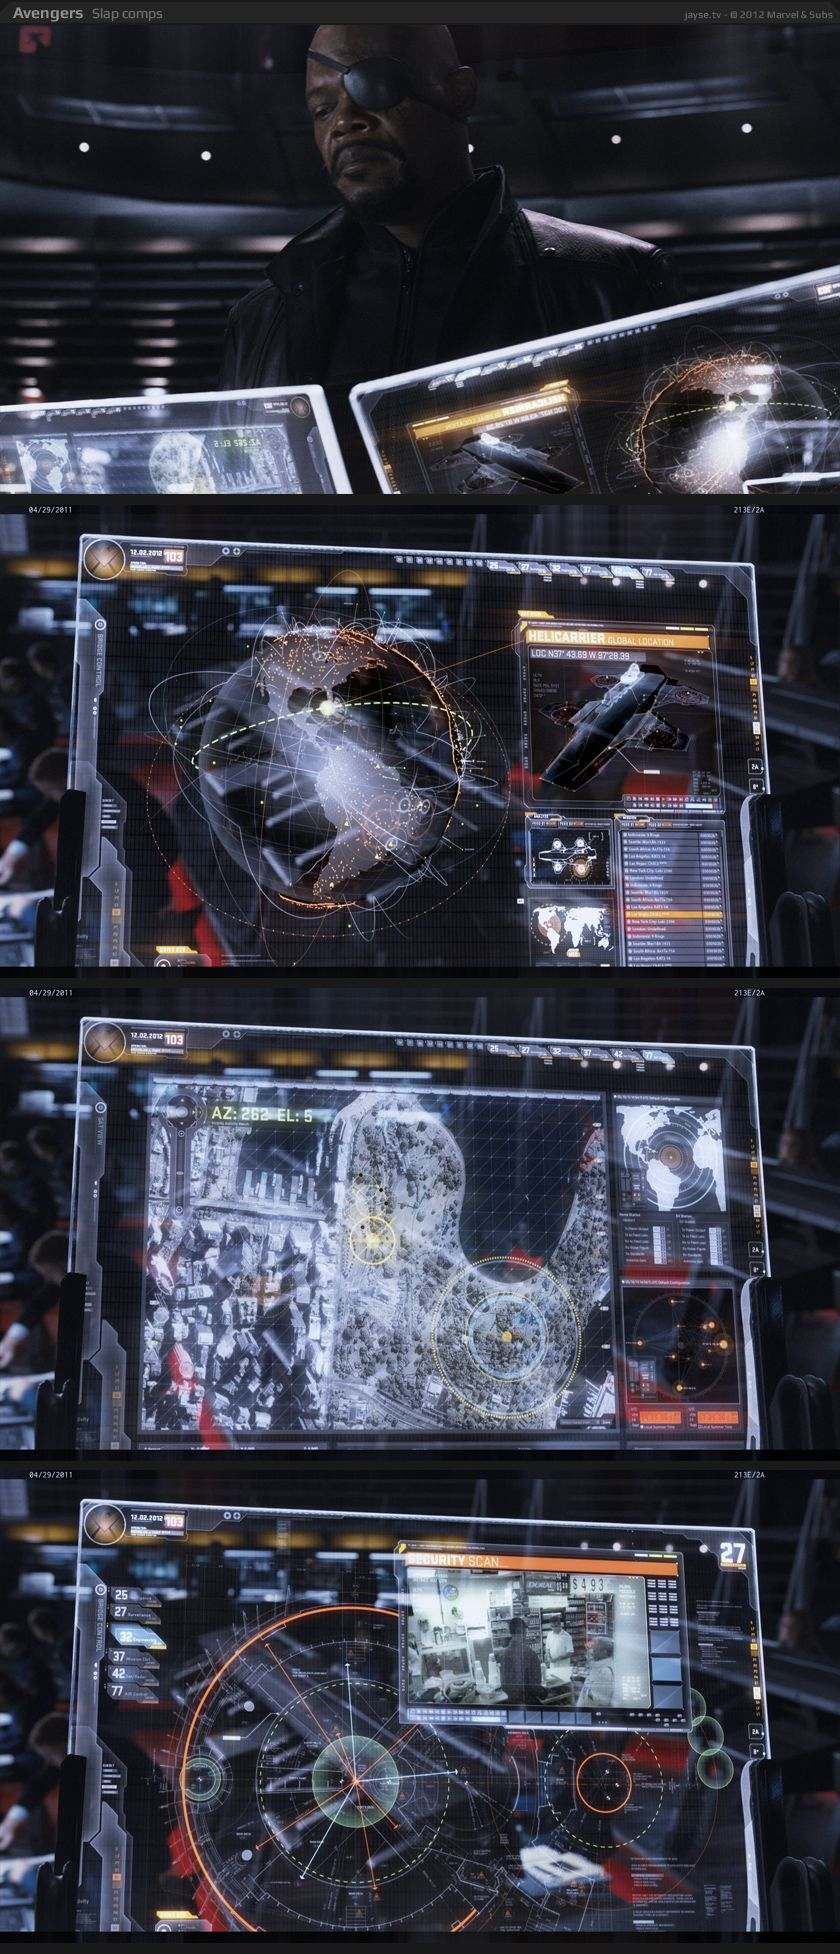 Jayse Hansen Portfolio | Avengers Helicarrier Fury's Glass Screens | Jayse Hansen Portfolio |